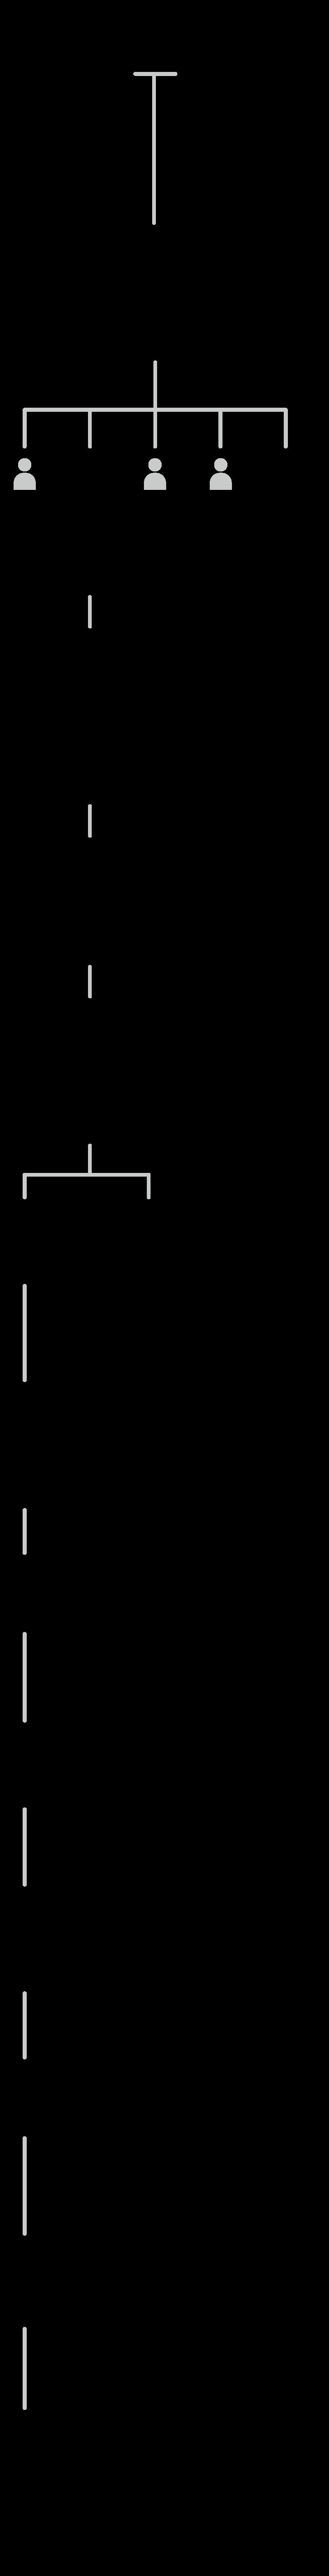 嘉久正窯の流れ 家系図